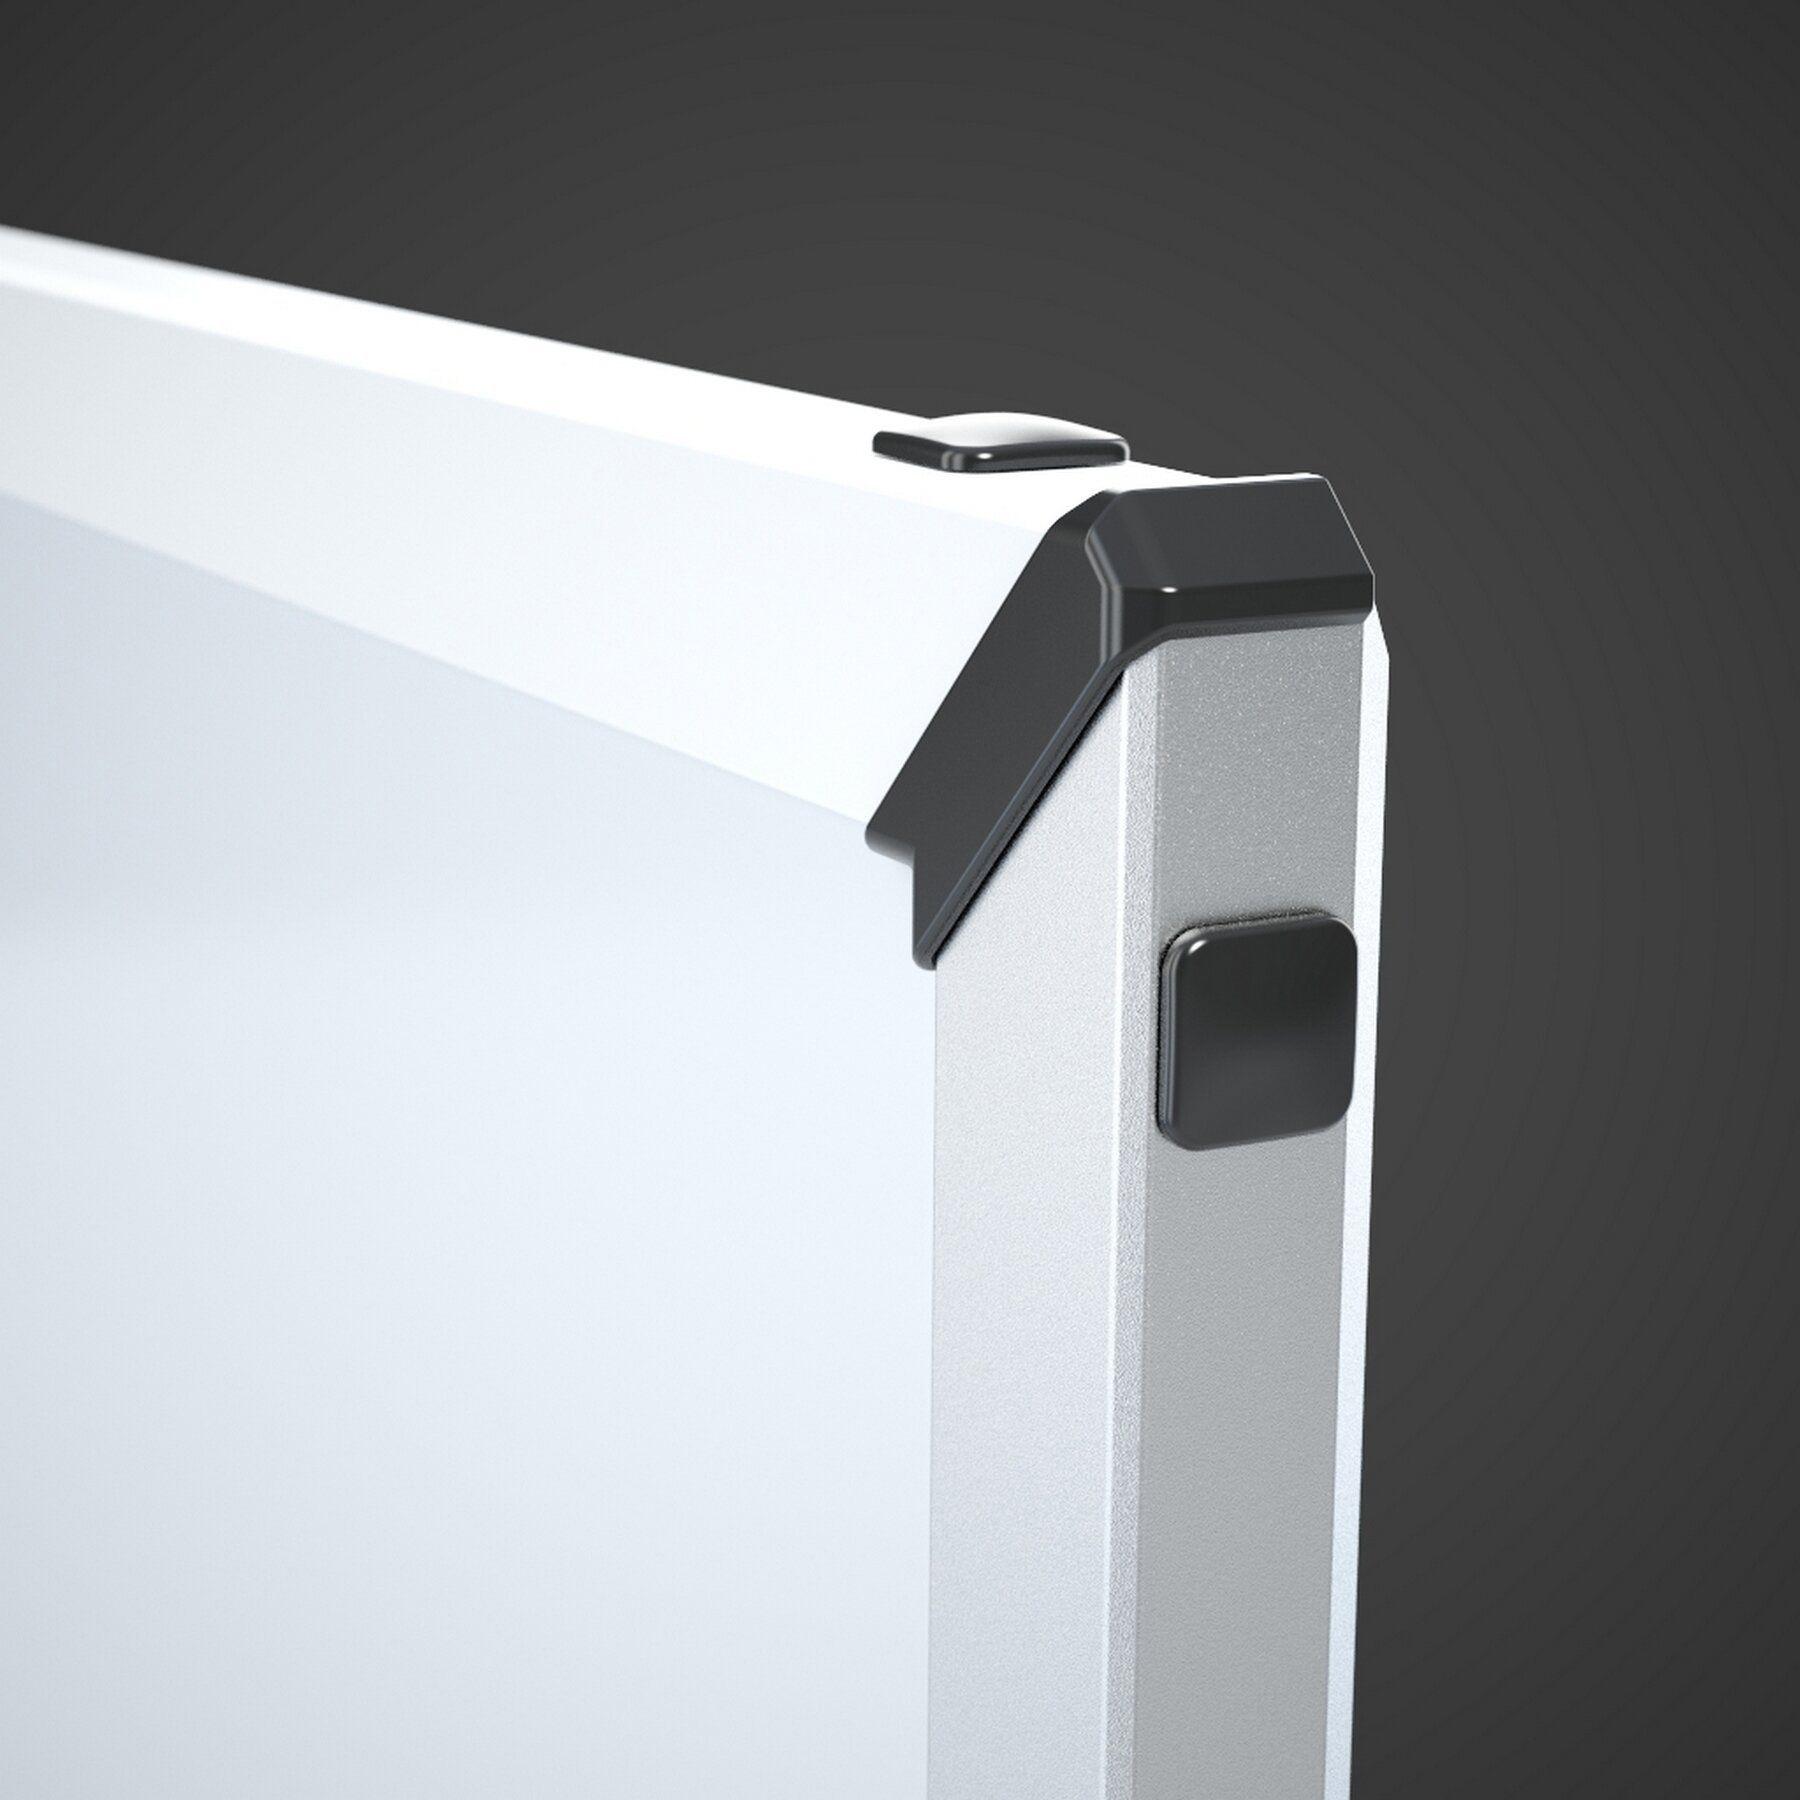 Доска белая магнитная сухостираемая StarBoard 120*180см., алюминиевая рамка, лак 2x3 - фото 5